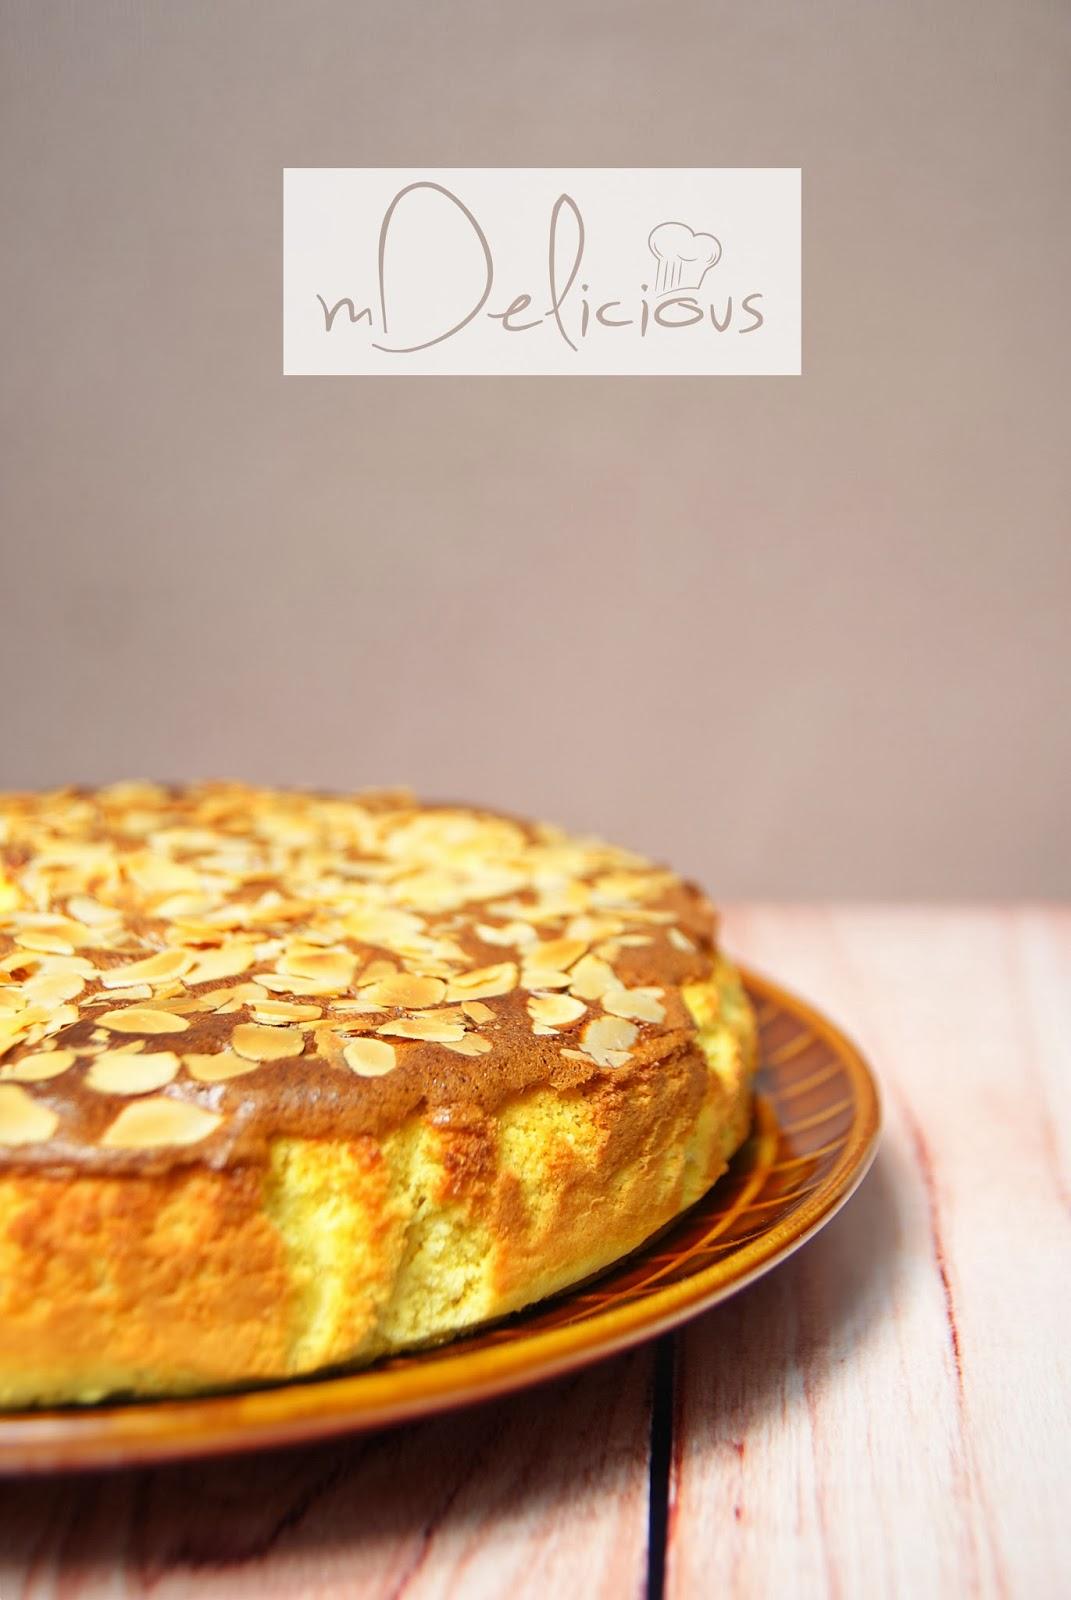 ciasta bezglutenowe, ciastoz migdałami